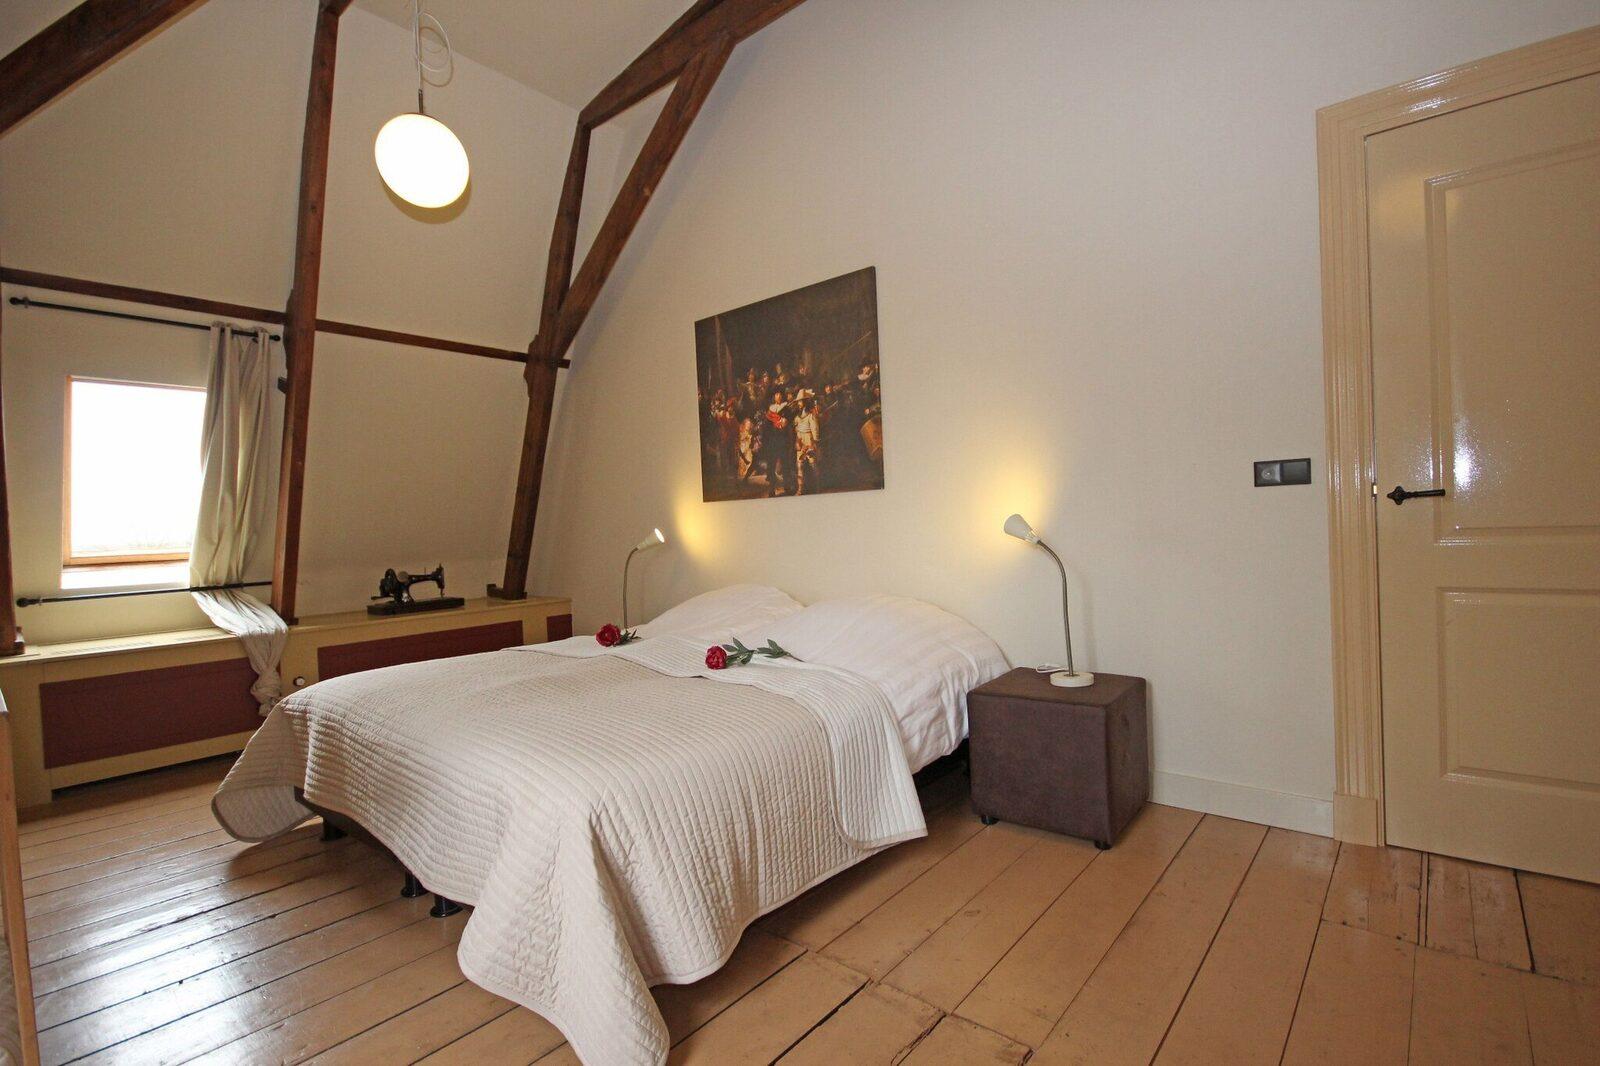 Huize Tergast luxe vakantievilla voor families met wellness